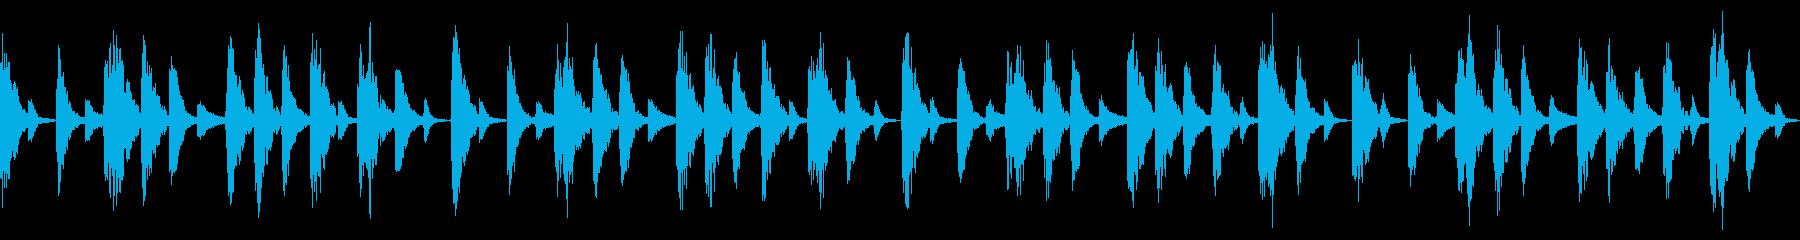 シンプルなドラムビート8小節の再生済みの波形